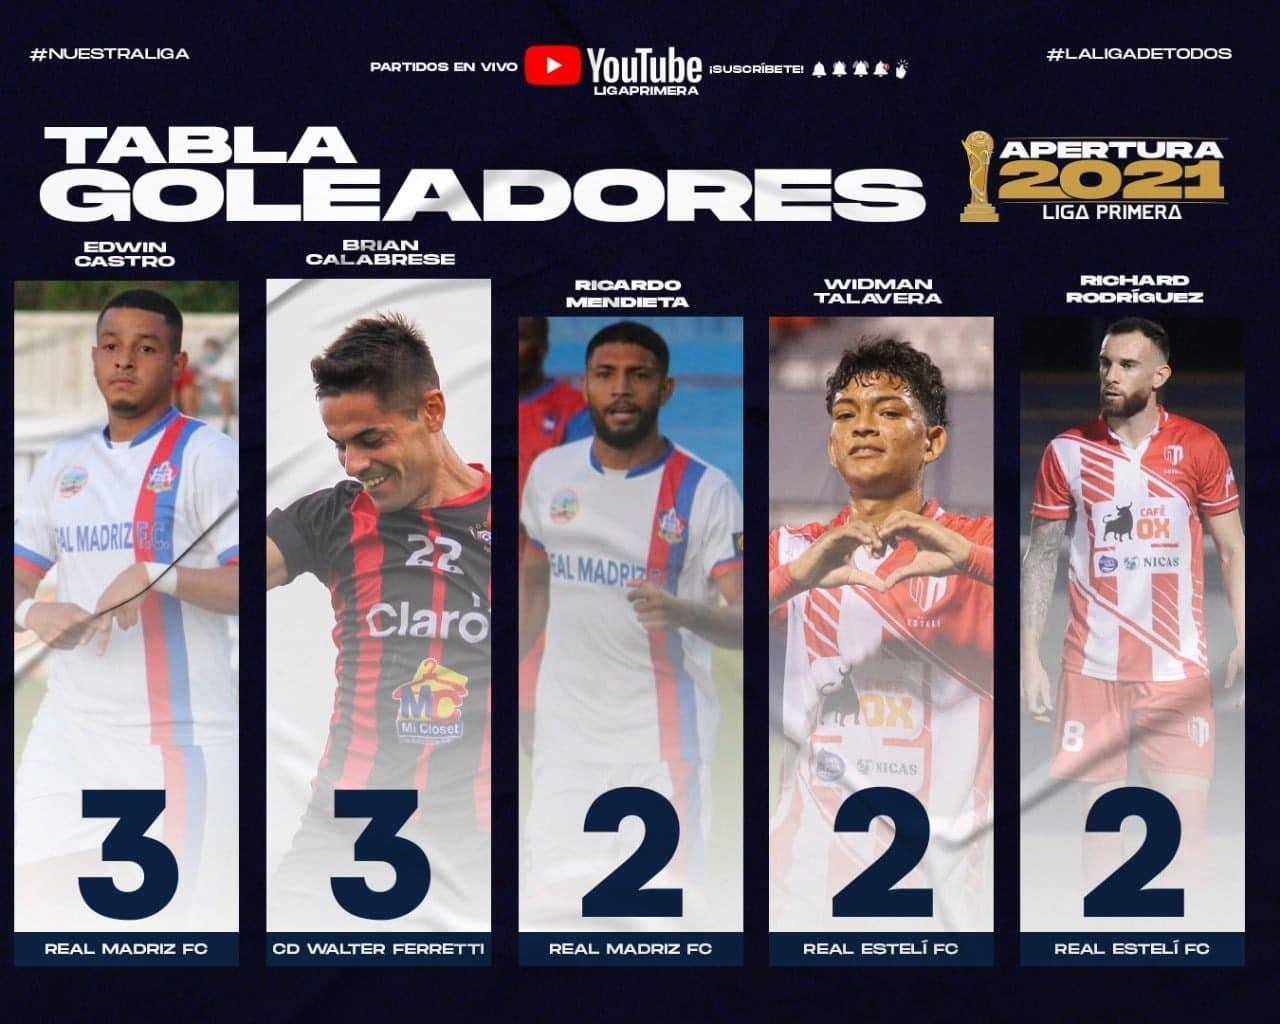 Brian Calabrese, Liga Primera, Copa Primera, Fútbol de Nicaragua, Somos Ferretti, Walter Ferretti, Omán, Villa Mitre